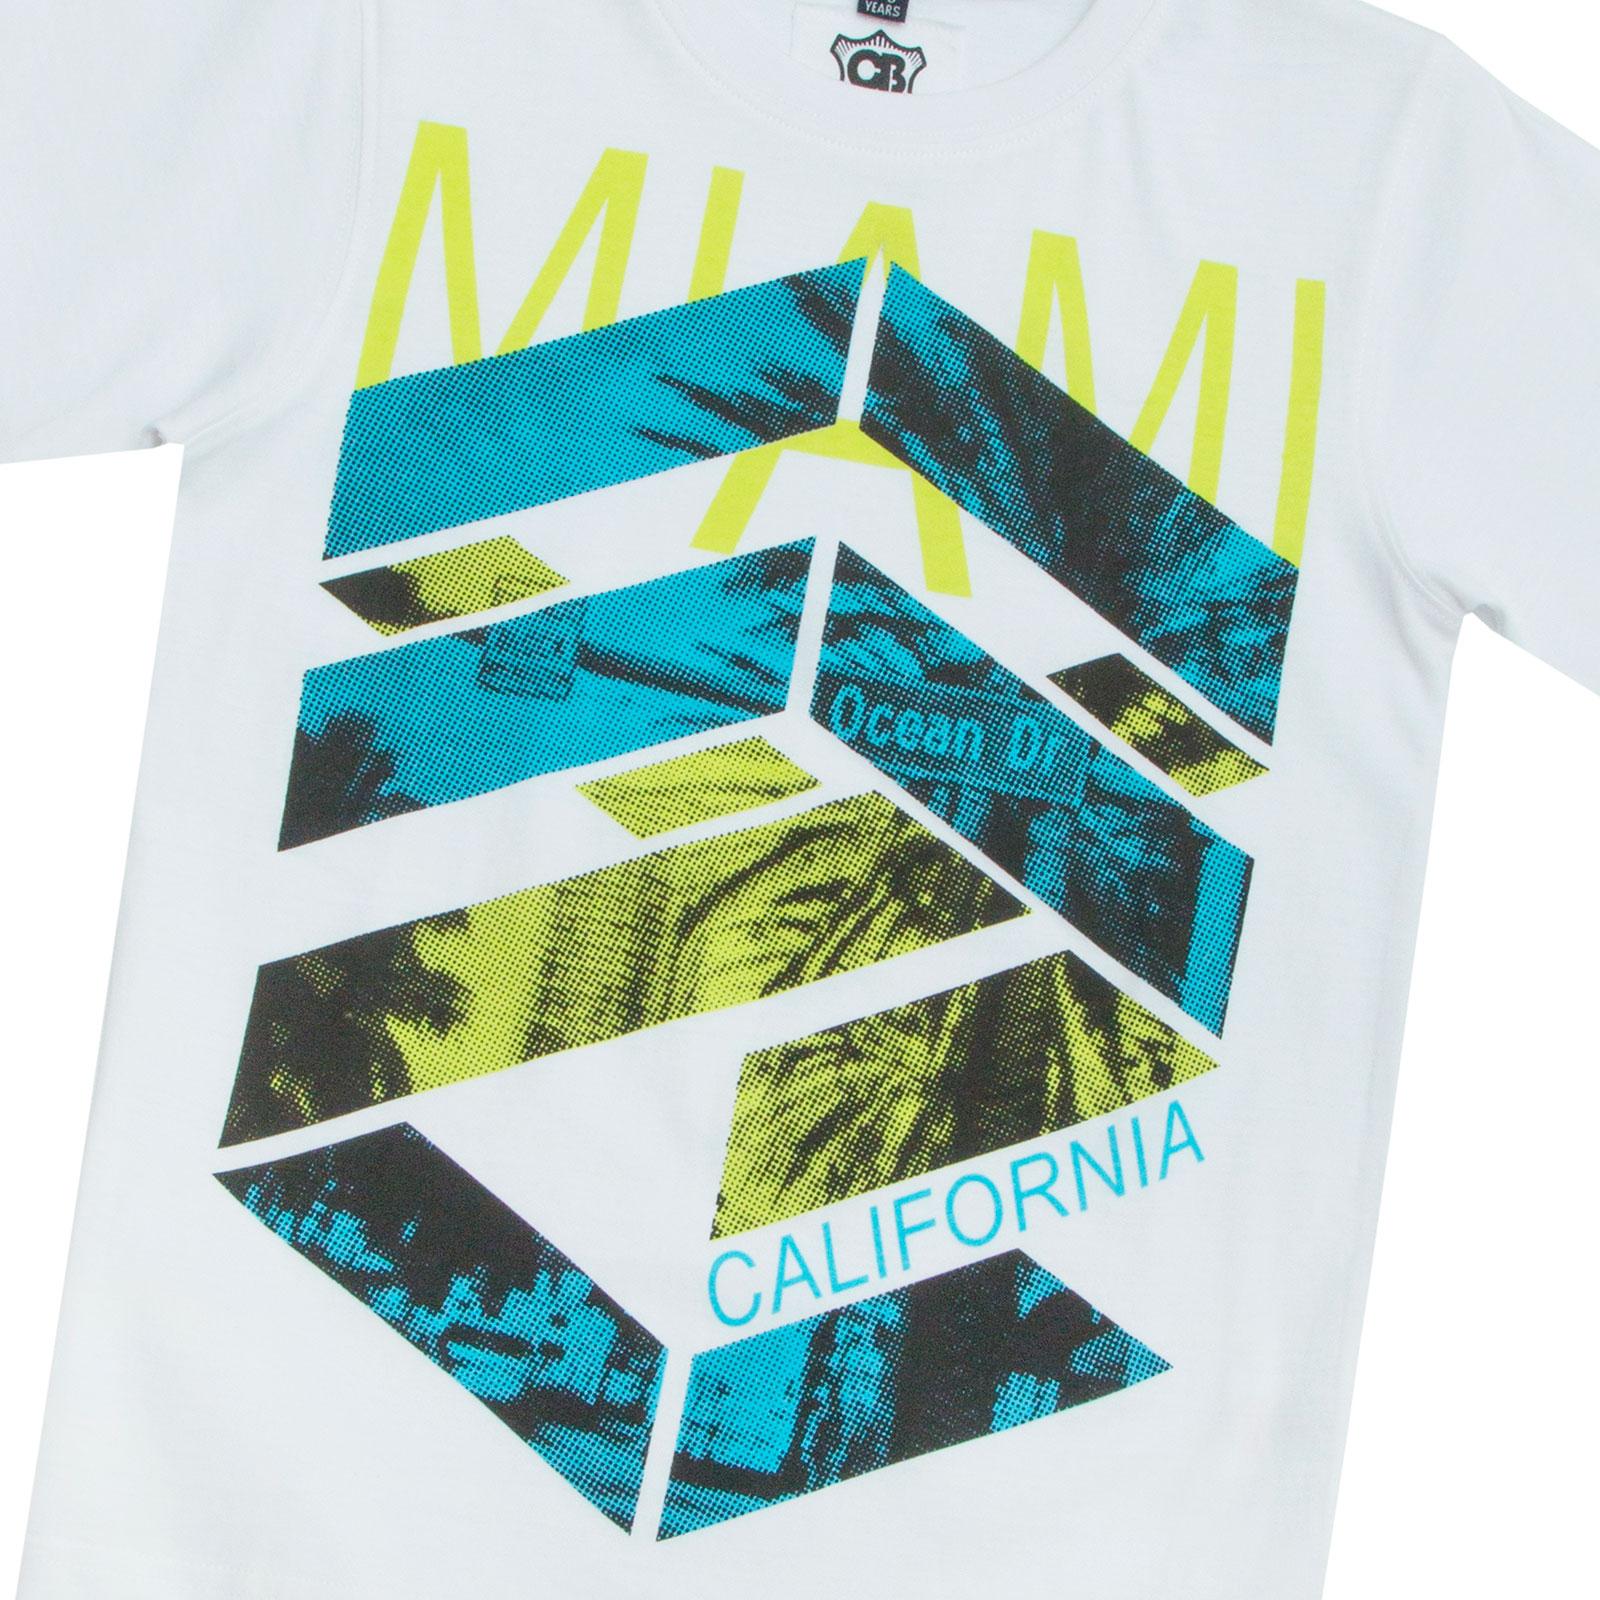 Garcons-Neuf-en-coton-T-shirt-a-encolure-ras-du-cou-d-039-ete-Enfant-Top-2-3-4-5-6-7-8-9-10-11-12-13 miniature 15